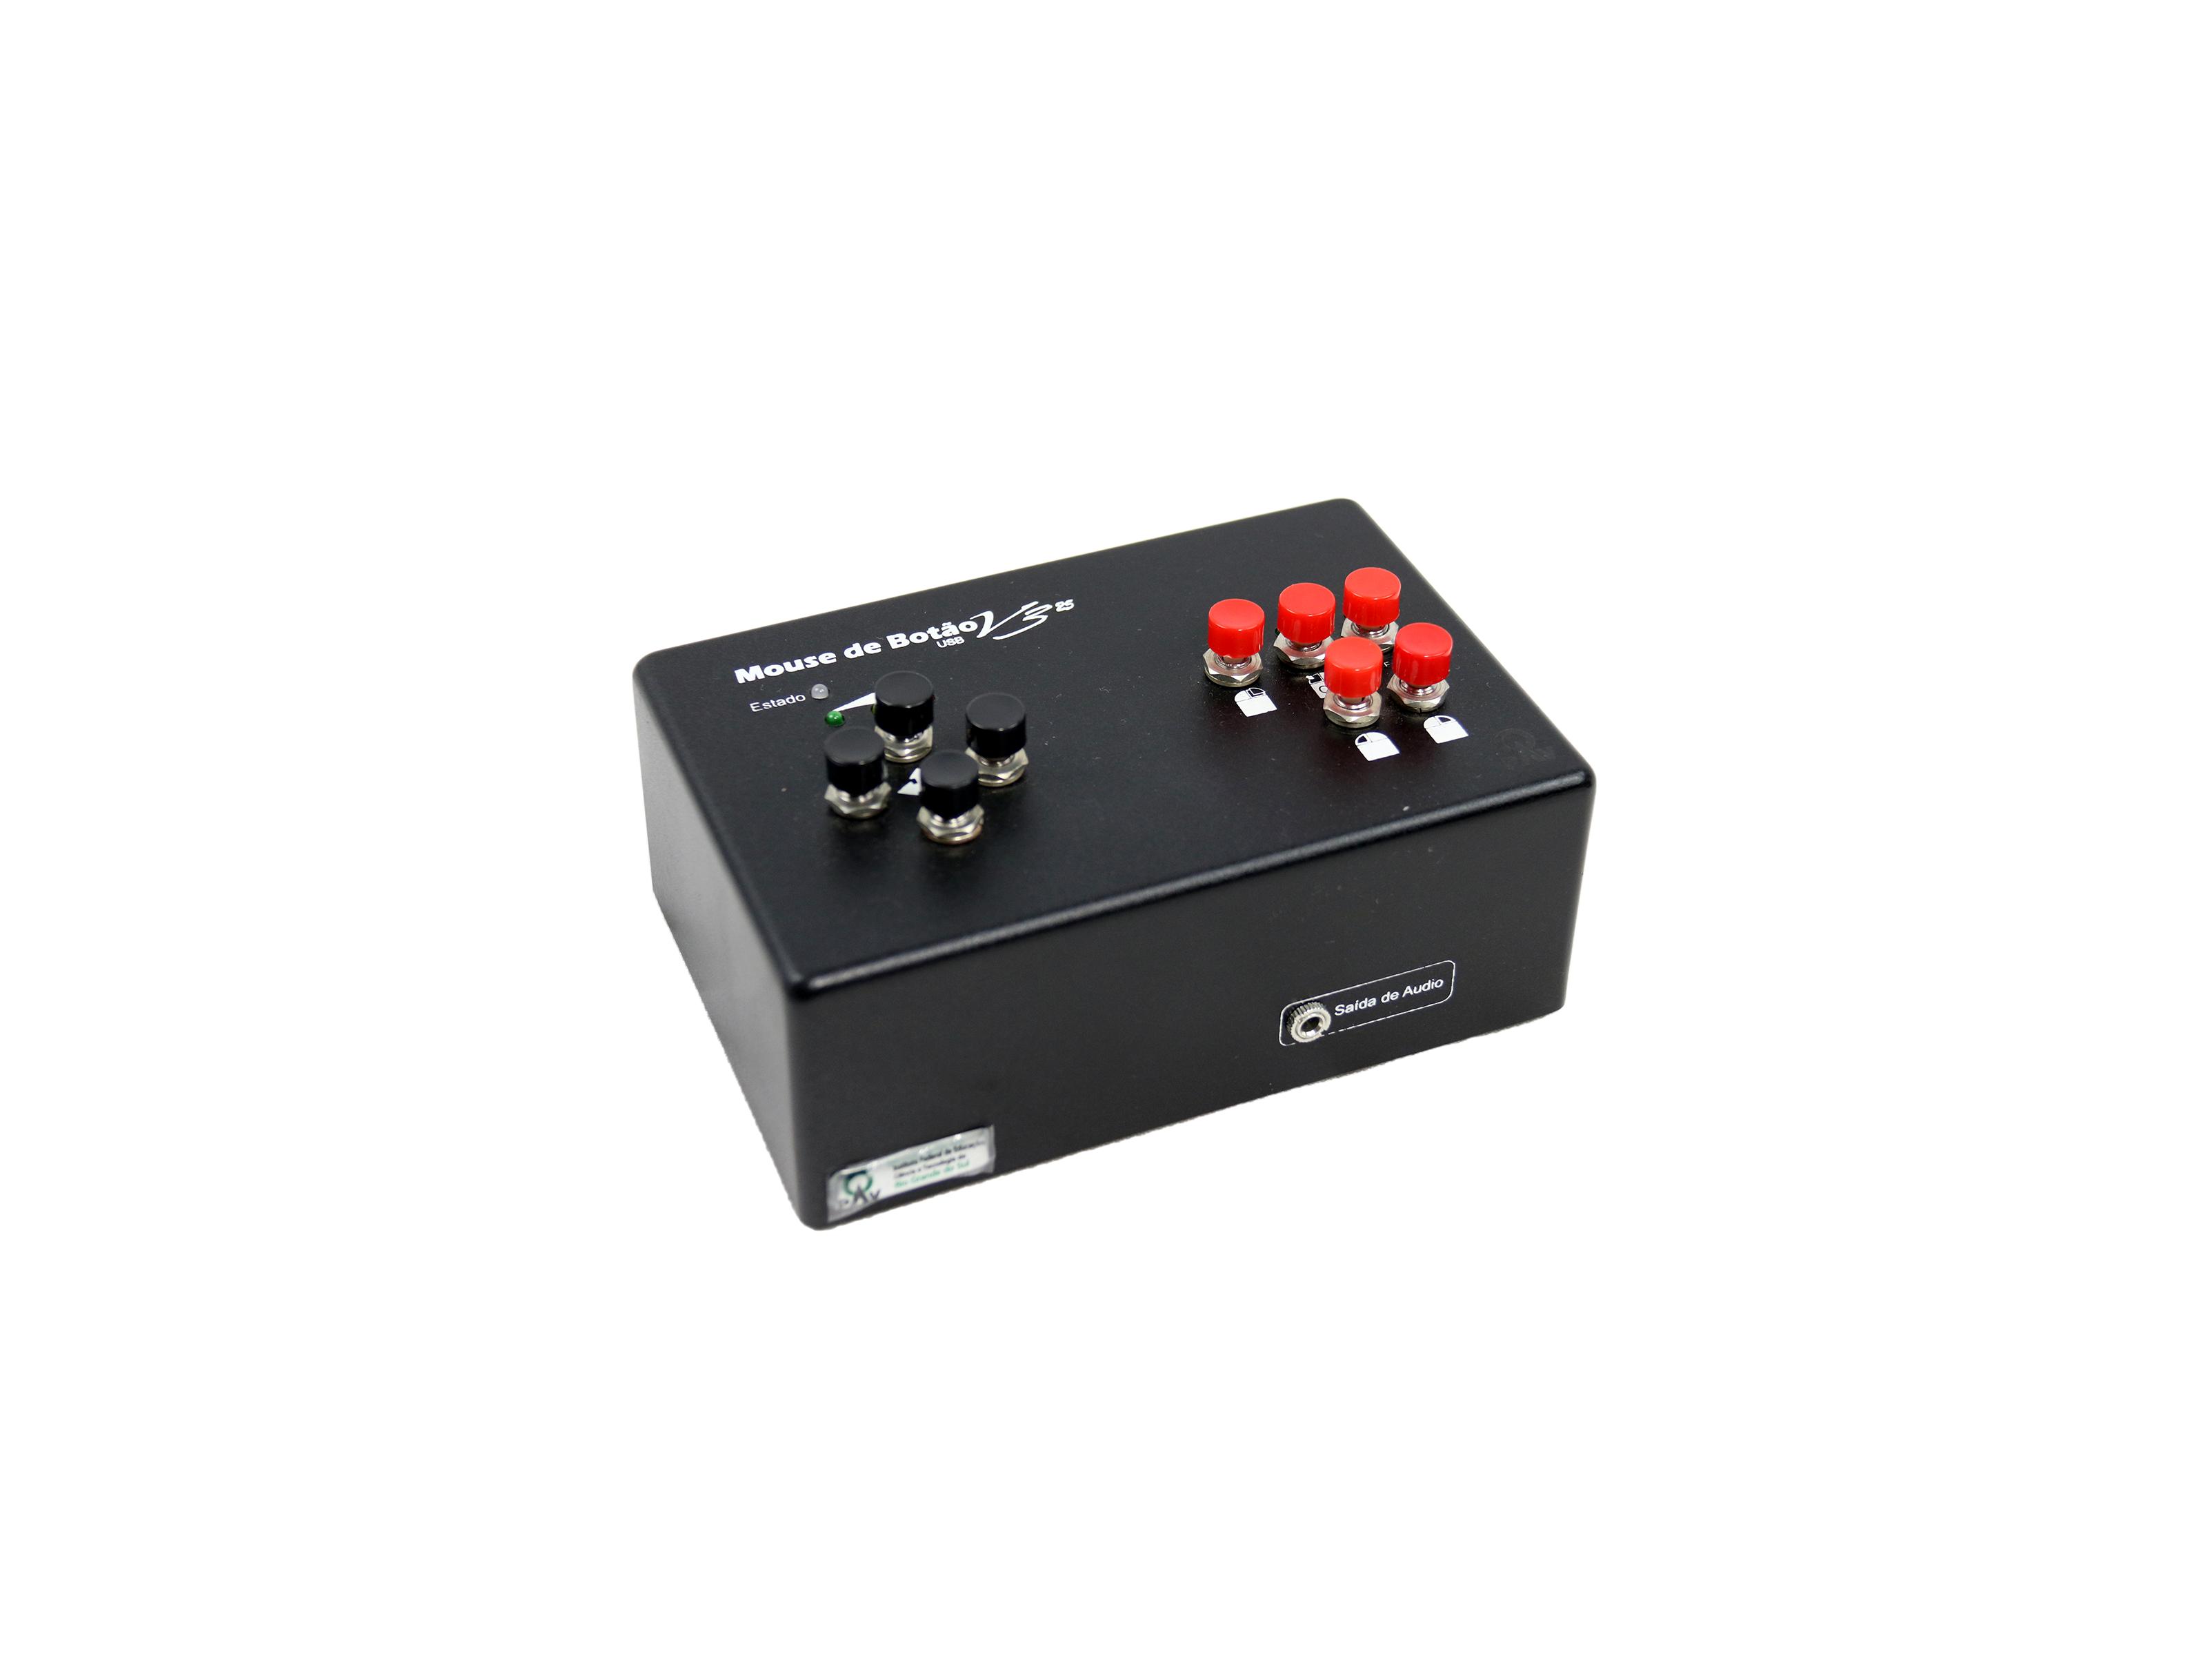 Mouse em formato de caixa retangular contendo 4 botões direcionais e 4 botões de função